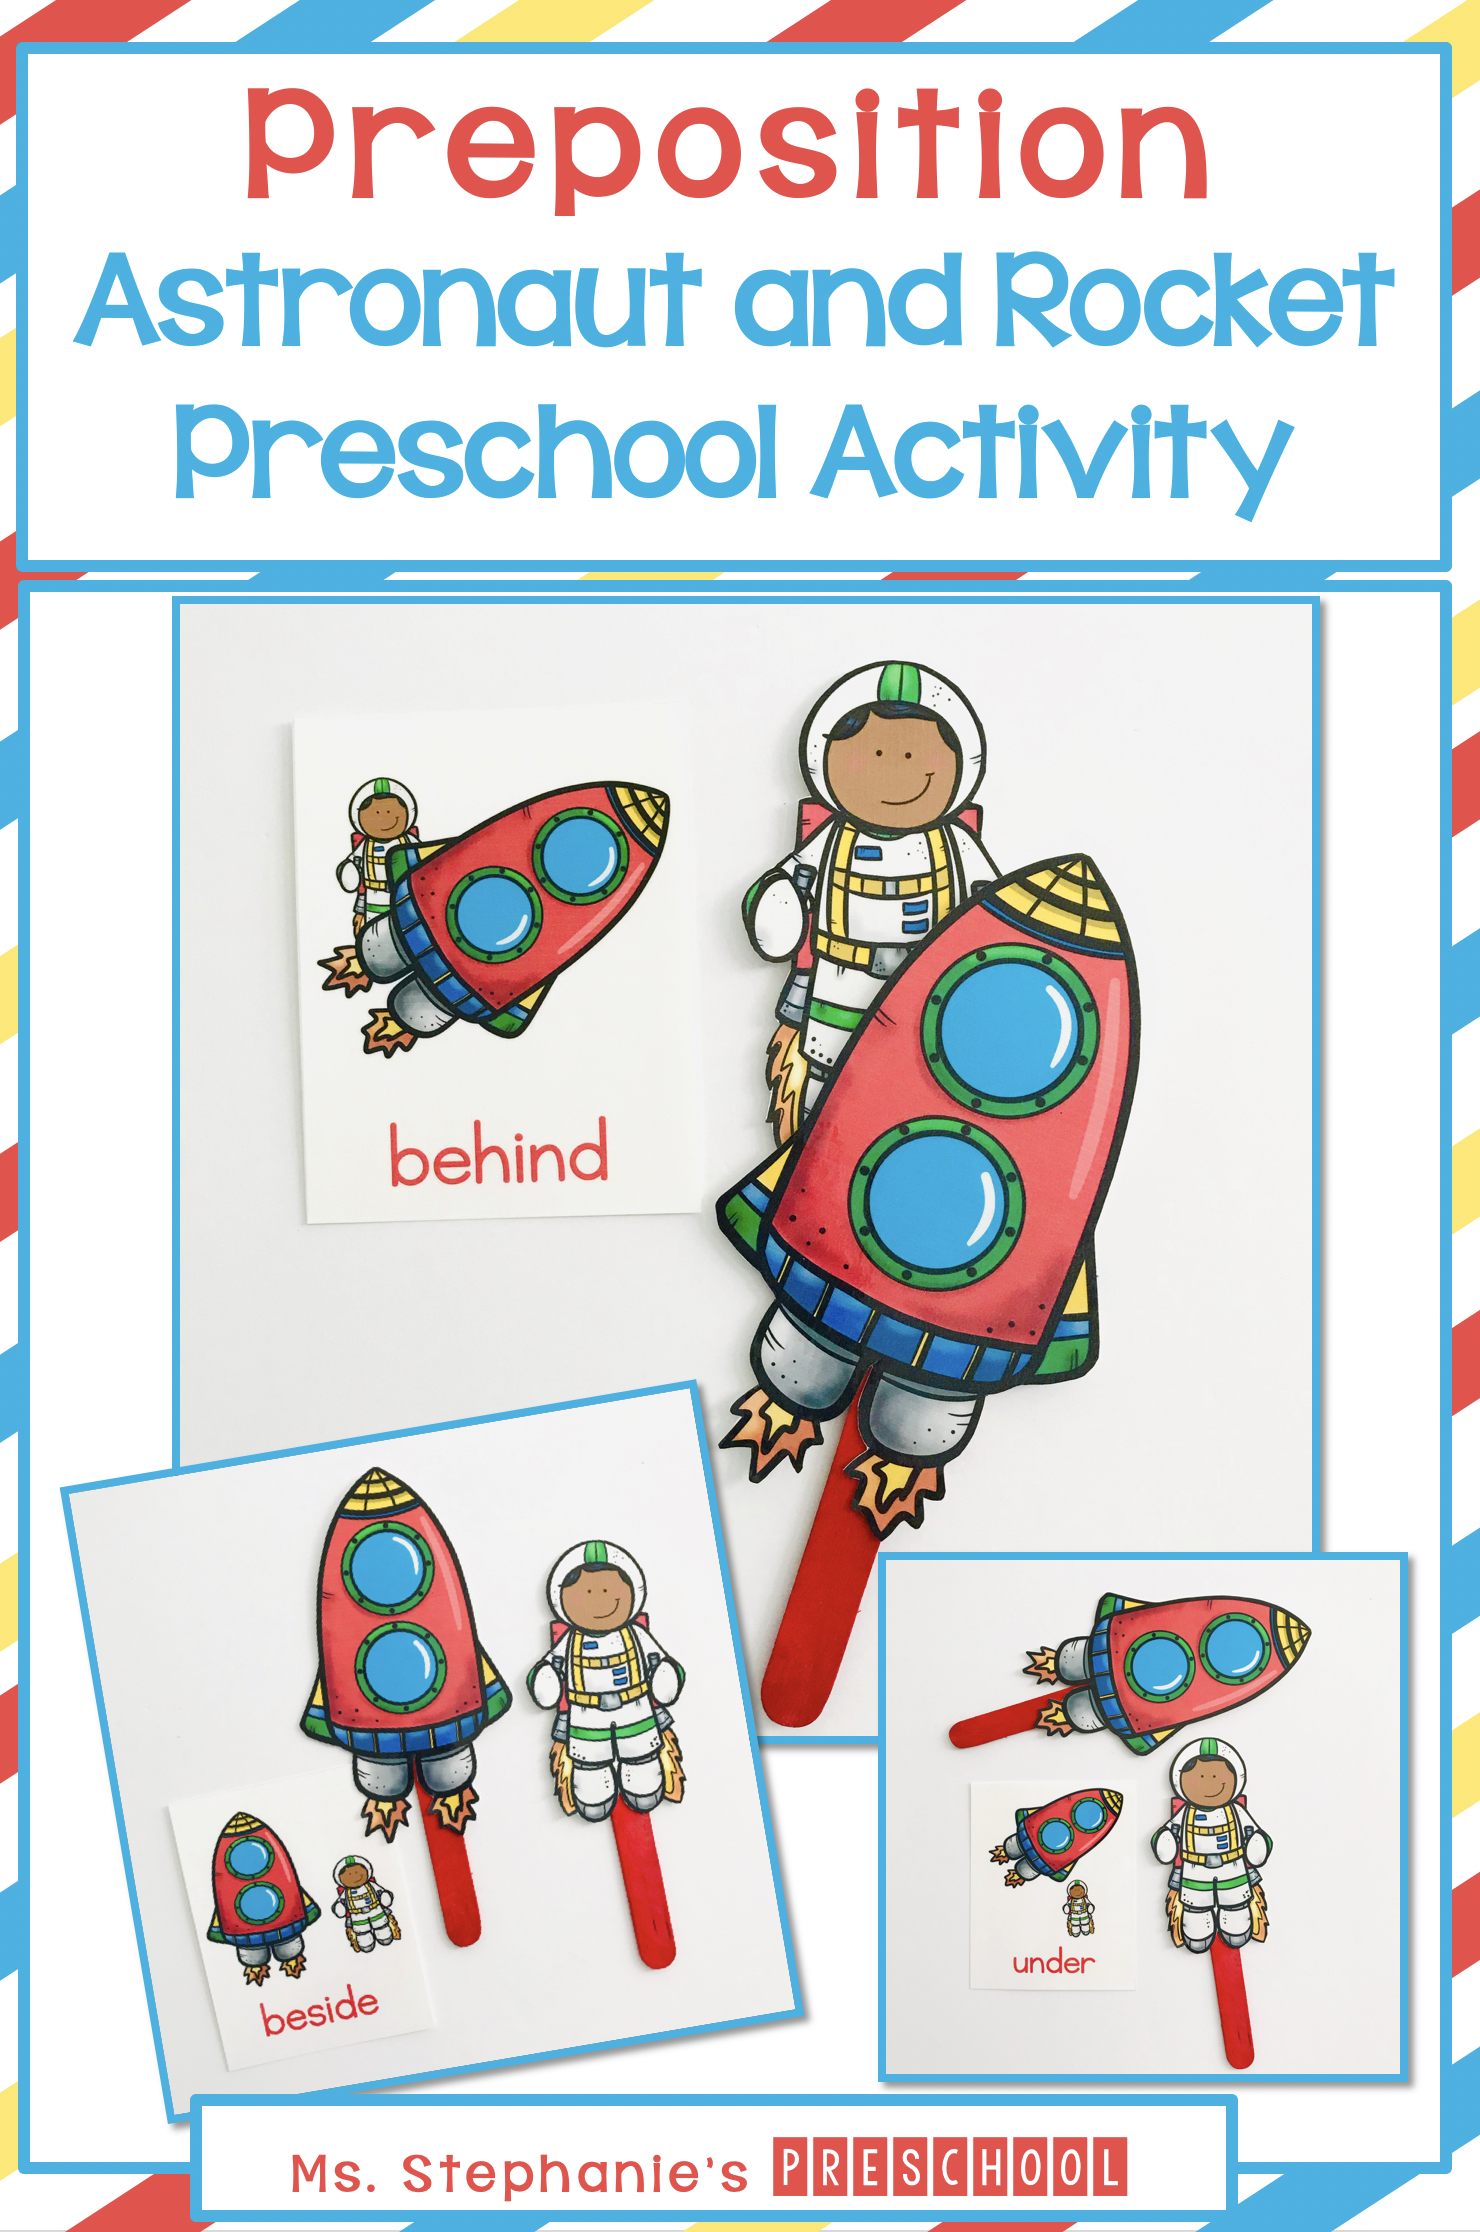 Astronaut And Rocket Preposition Preschool Activity Preschool Activity Astronaut Activities Space Preschool [ 2232 x 1480 Pixel ]